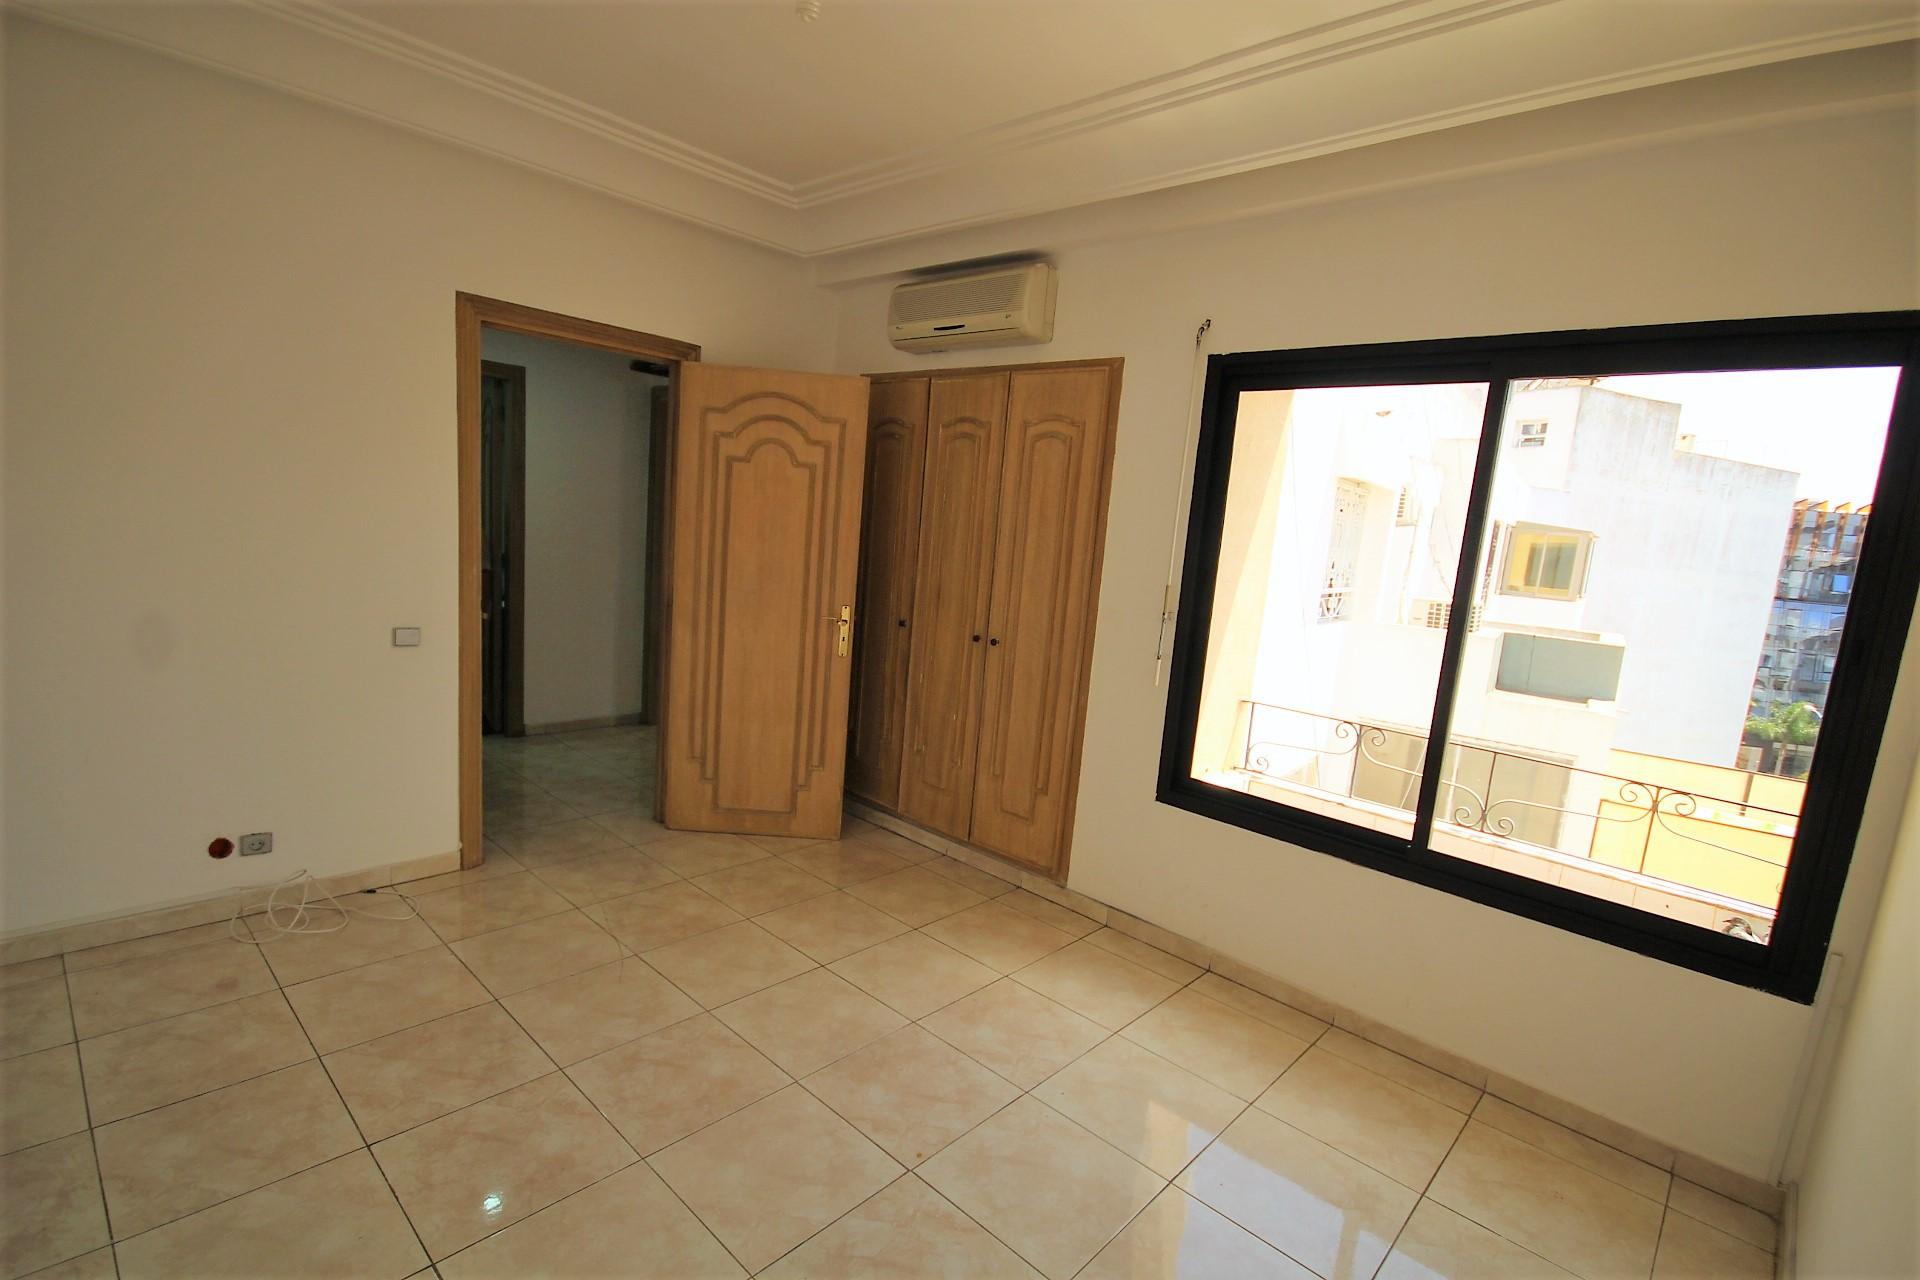 Maroc, Casablanca, sur Bld massira el Khadra, à louer parfait appartement familial de très haut standing en dernier étage.